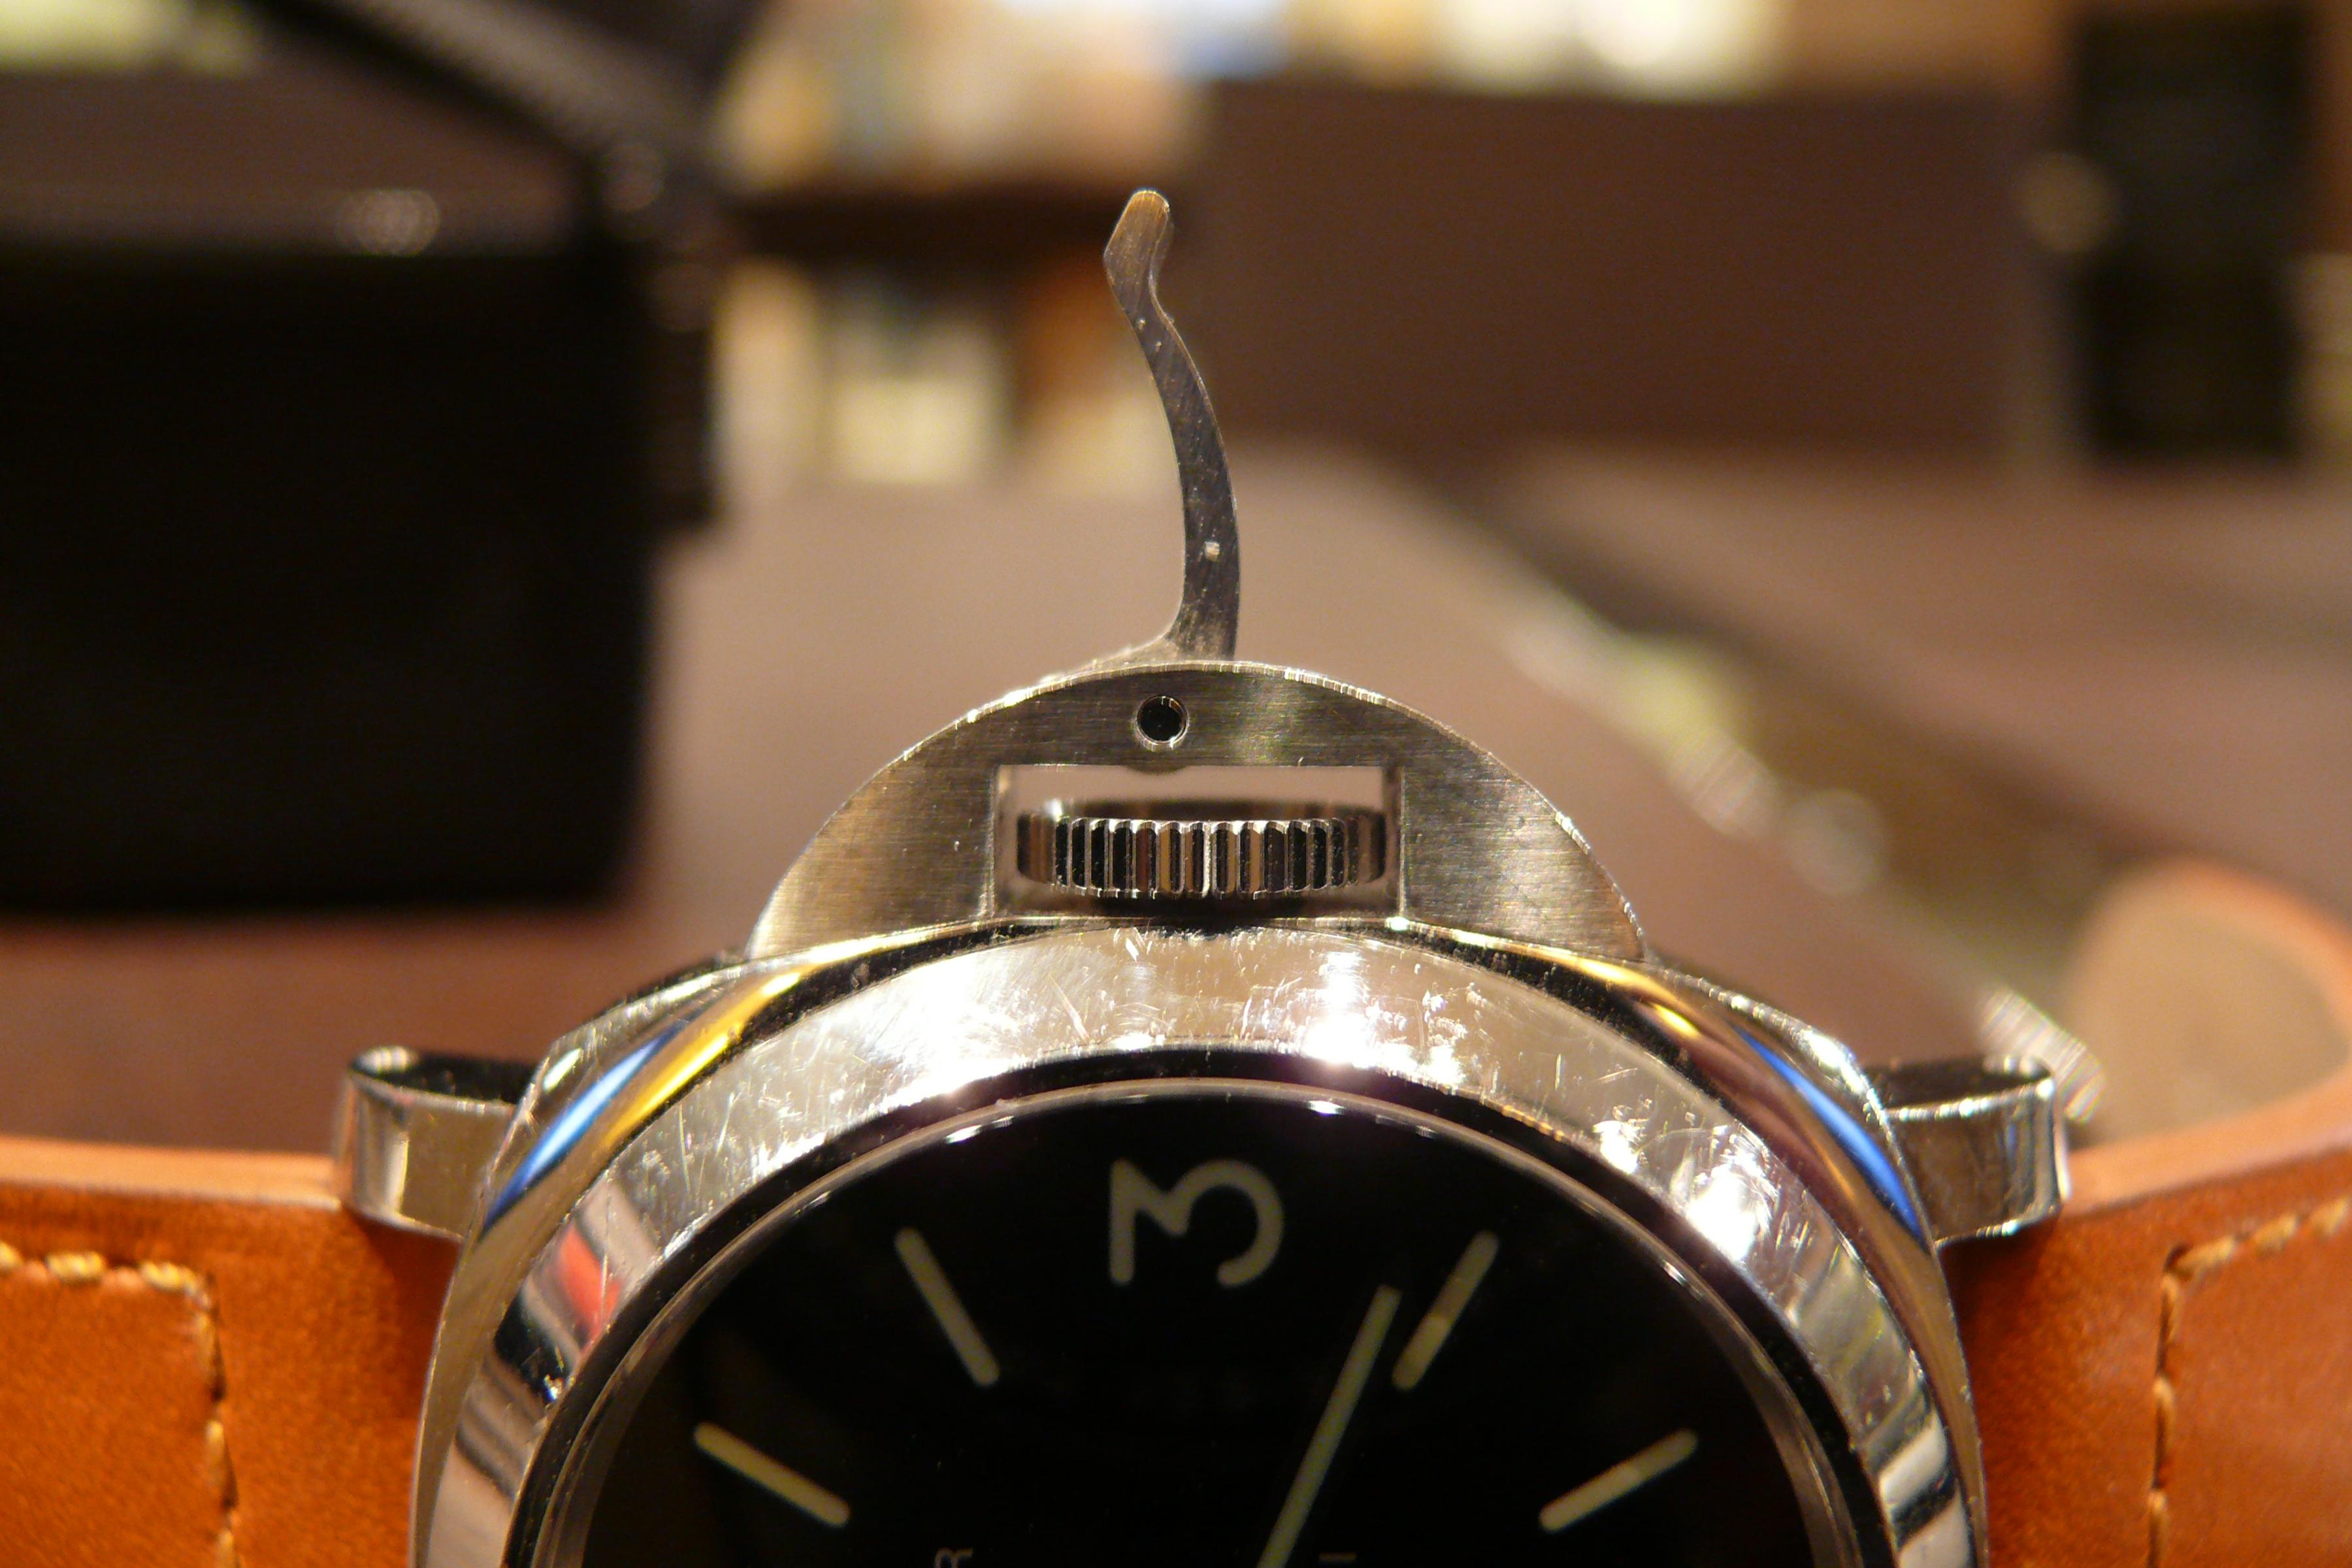 時計修理の千年堂に持ち込まれるリューズのトラブ …